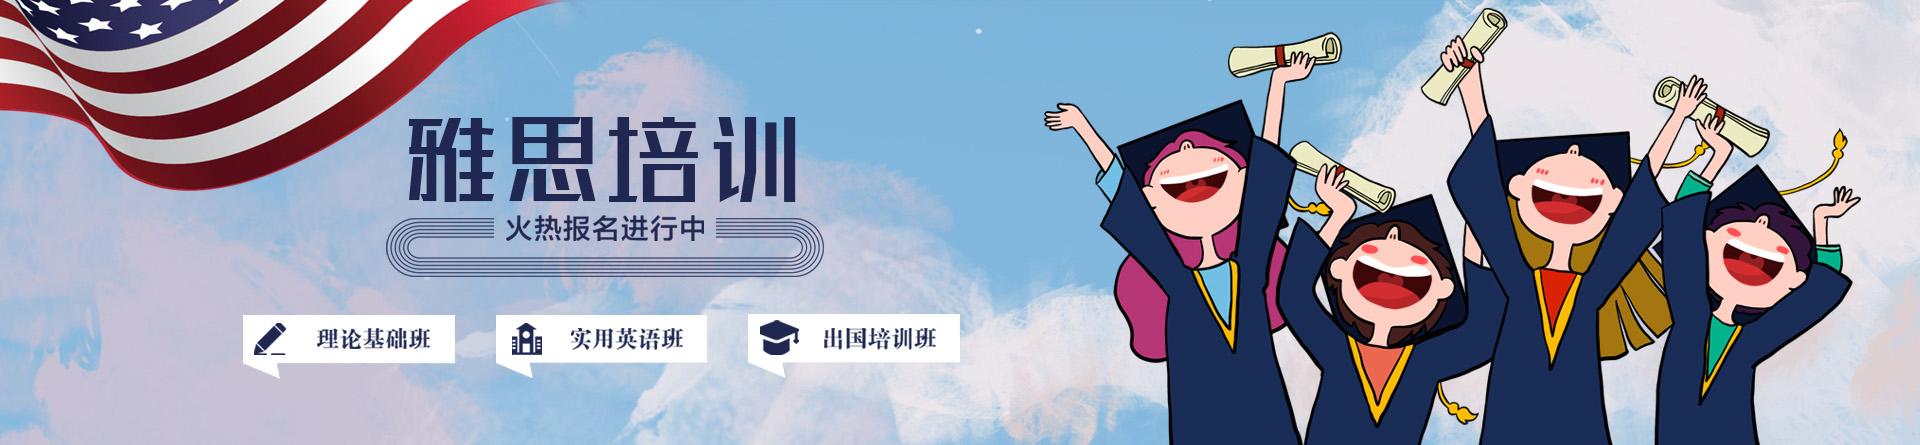 广州天河体育西路新航道英语培训